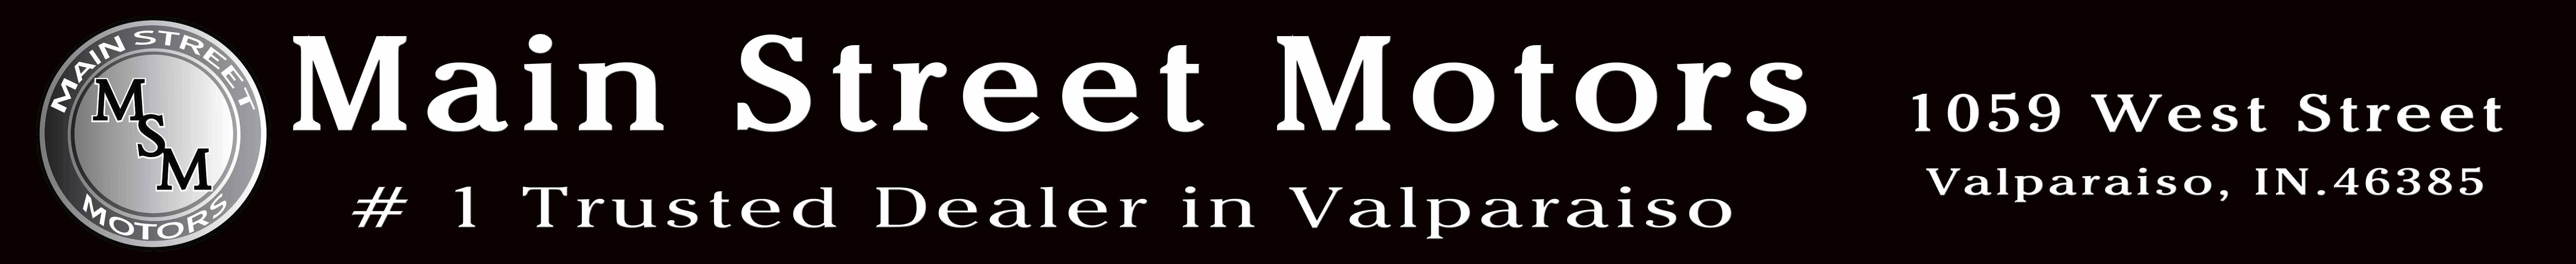 Main Street Motors Certified Used Vehicles